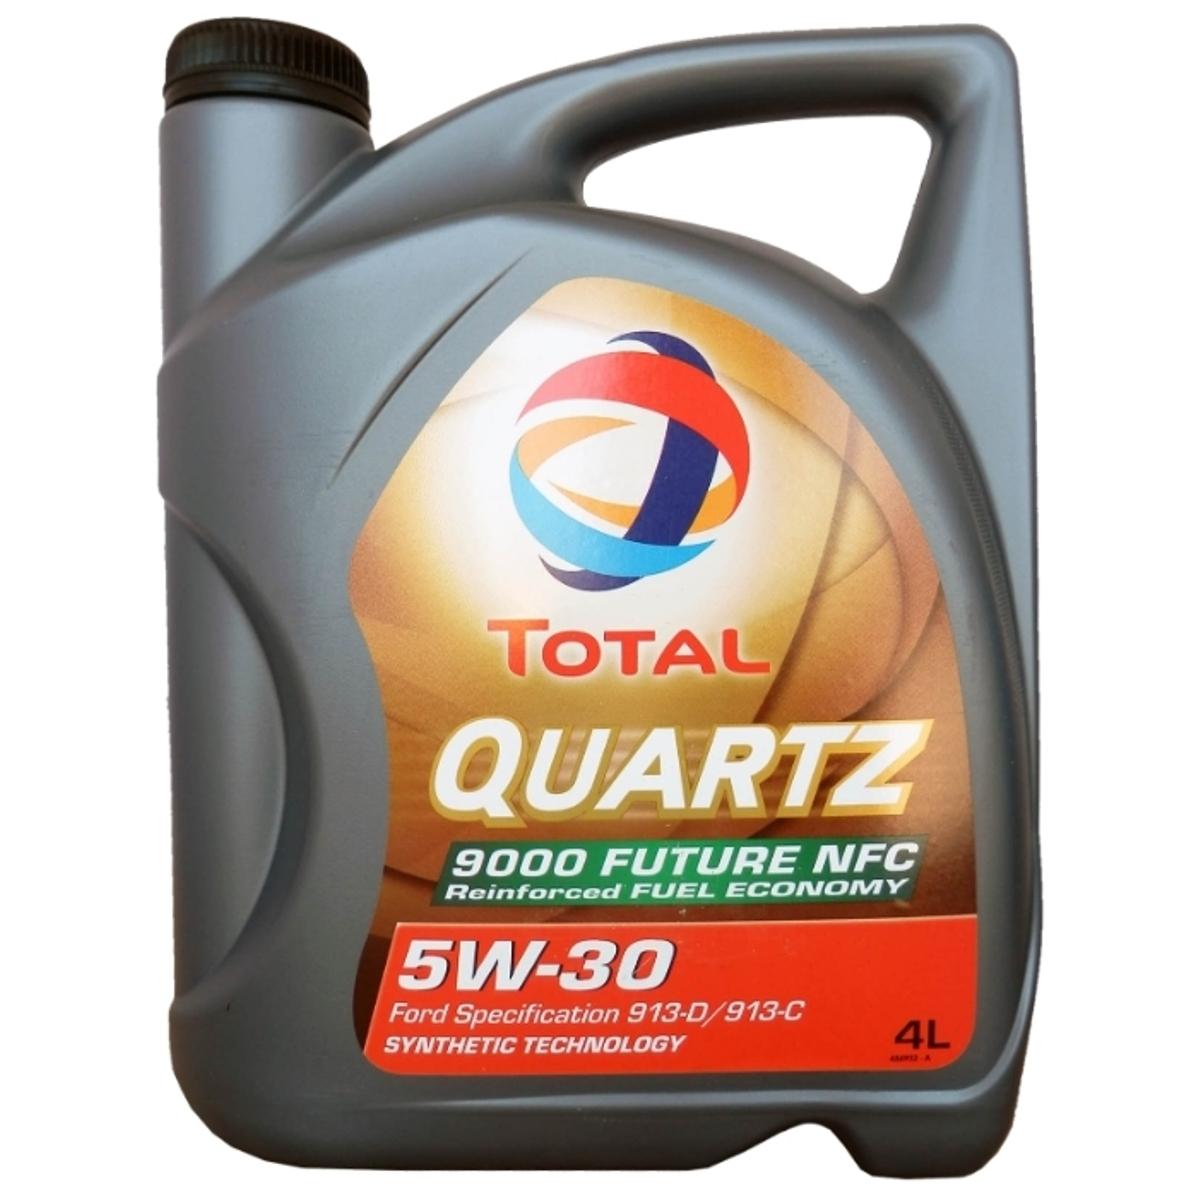 Моторное масло Total Quartz Future NFC 9000 5w30, 4 лNap200 (40)Total Quartz 9000 Future NFC SAE 5W-30 рекомендуется для турбированных, мультиклапанных двигателей и двигателей с прямым впрыском. Может применяться при наиболее сложных условиях эксплуатации (трасса, городские поездки по пробкам) в любое время года. Совместимо с двигателями, оборудованными системами каталитического дожига, работающих на неэтилированном бензине или сжиженном газе. Спецификация Ford WSS-M2C 913-B|Ford WSS-M2C 913-C|Ford WSS-M2C 913-D